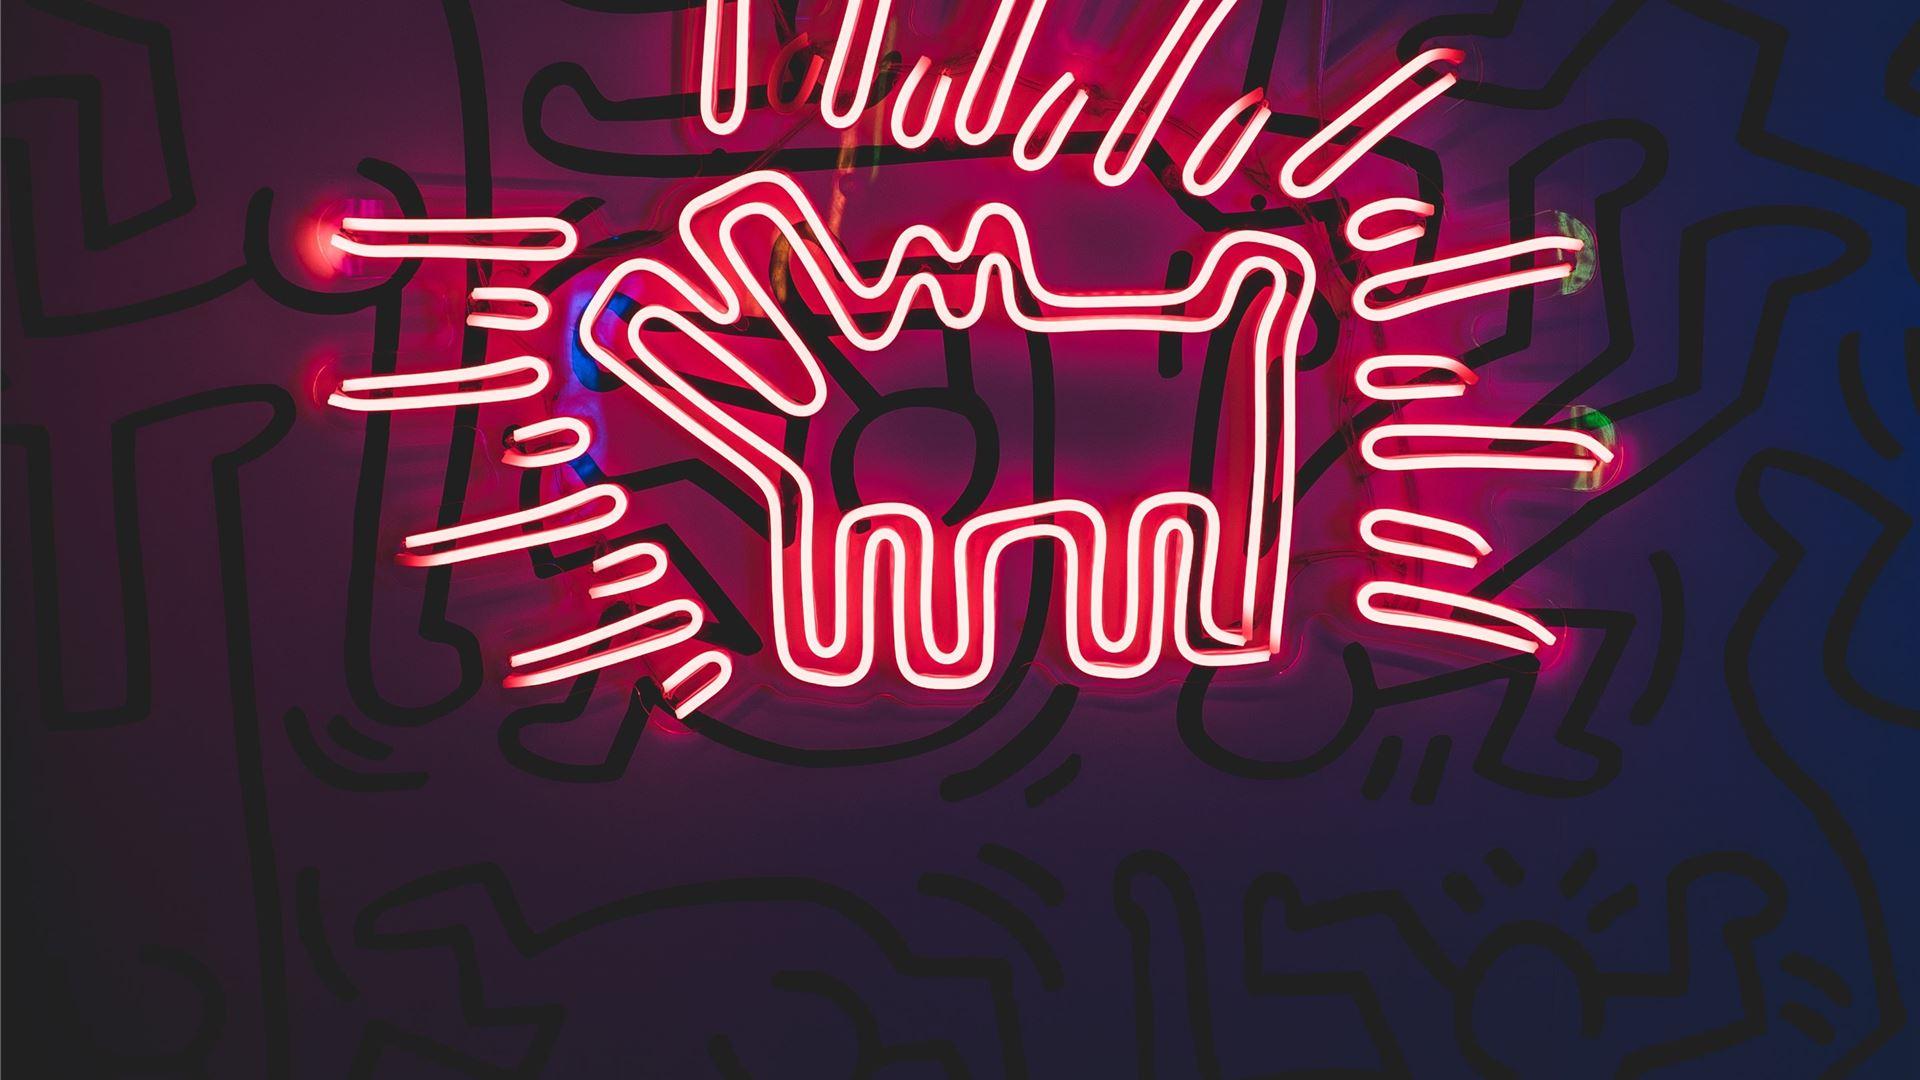 Budweiser Wallpapers - Top Free Budweiser Backgrounds ...  |Budweiser Select Wallpaper